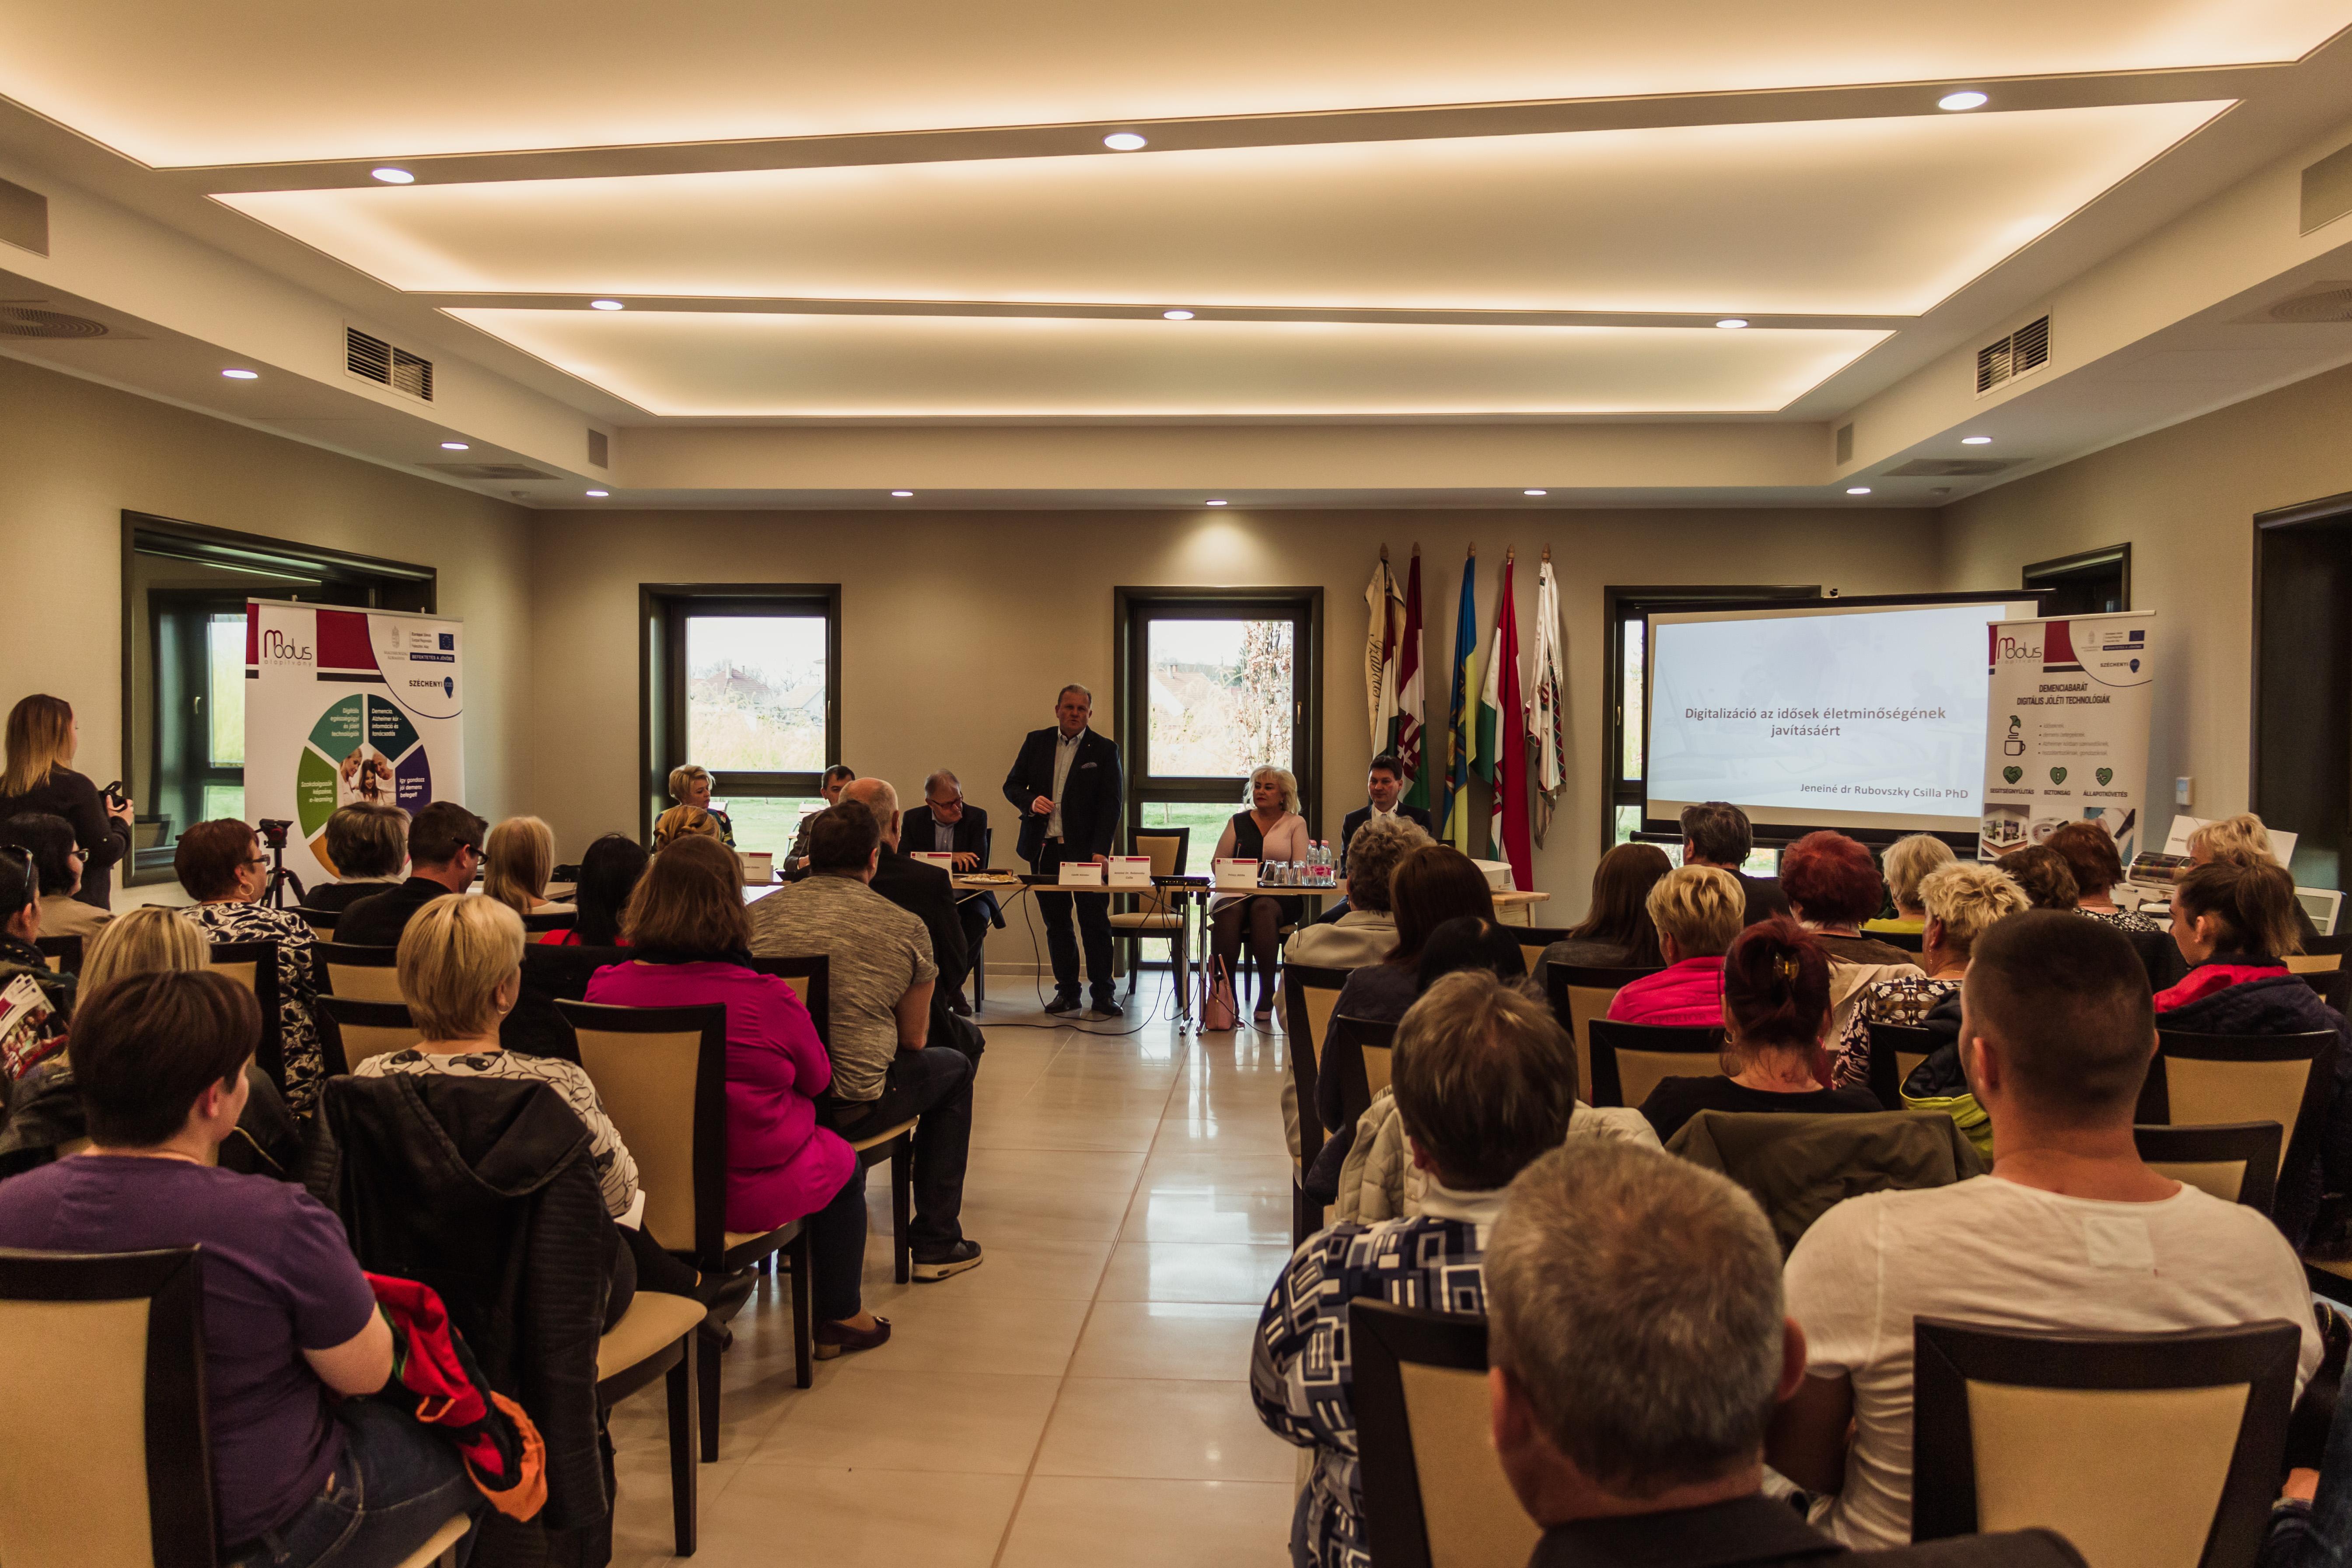 Idősödő társadalom, idősödő településeink_konferencia galléria (7)